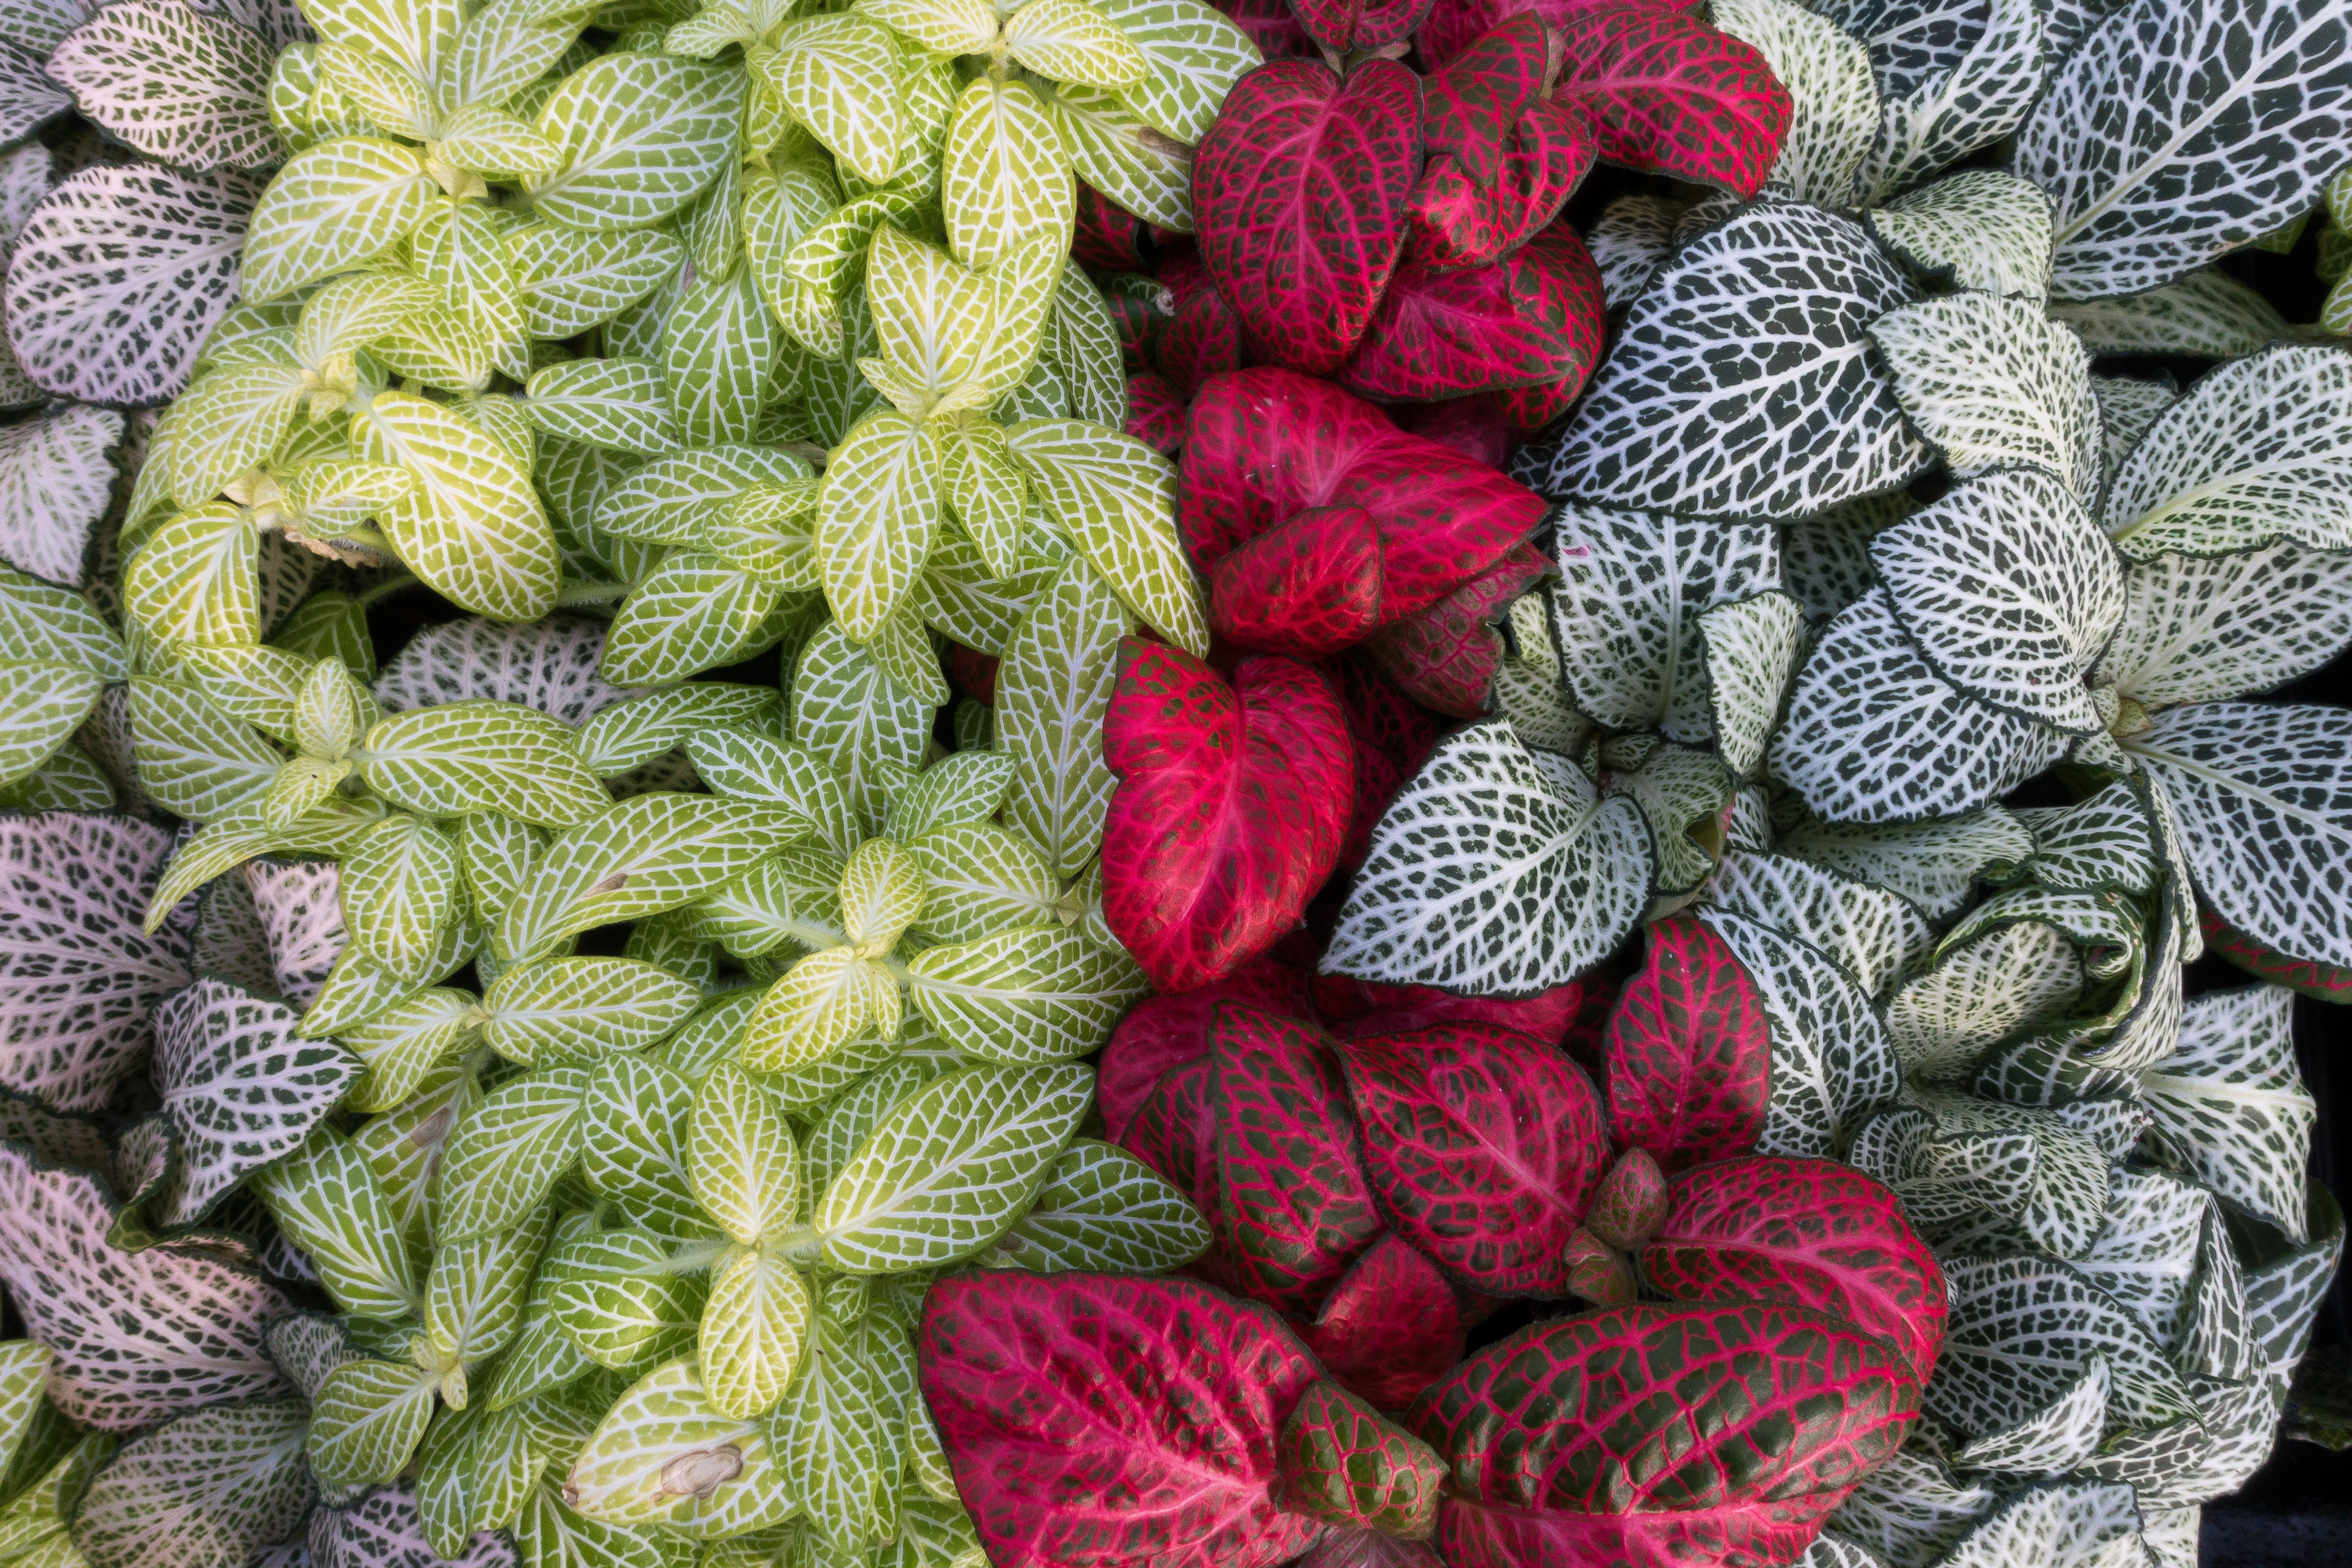 Kostenlose foto : Natur, Pflanze, Weiß, Blatt, Blume, Blütenblatt ...